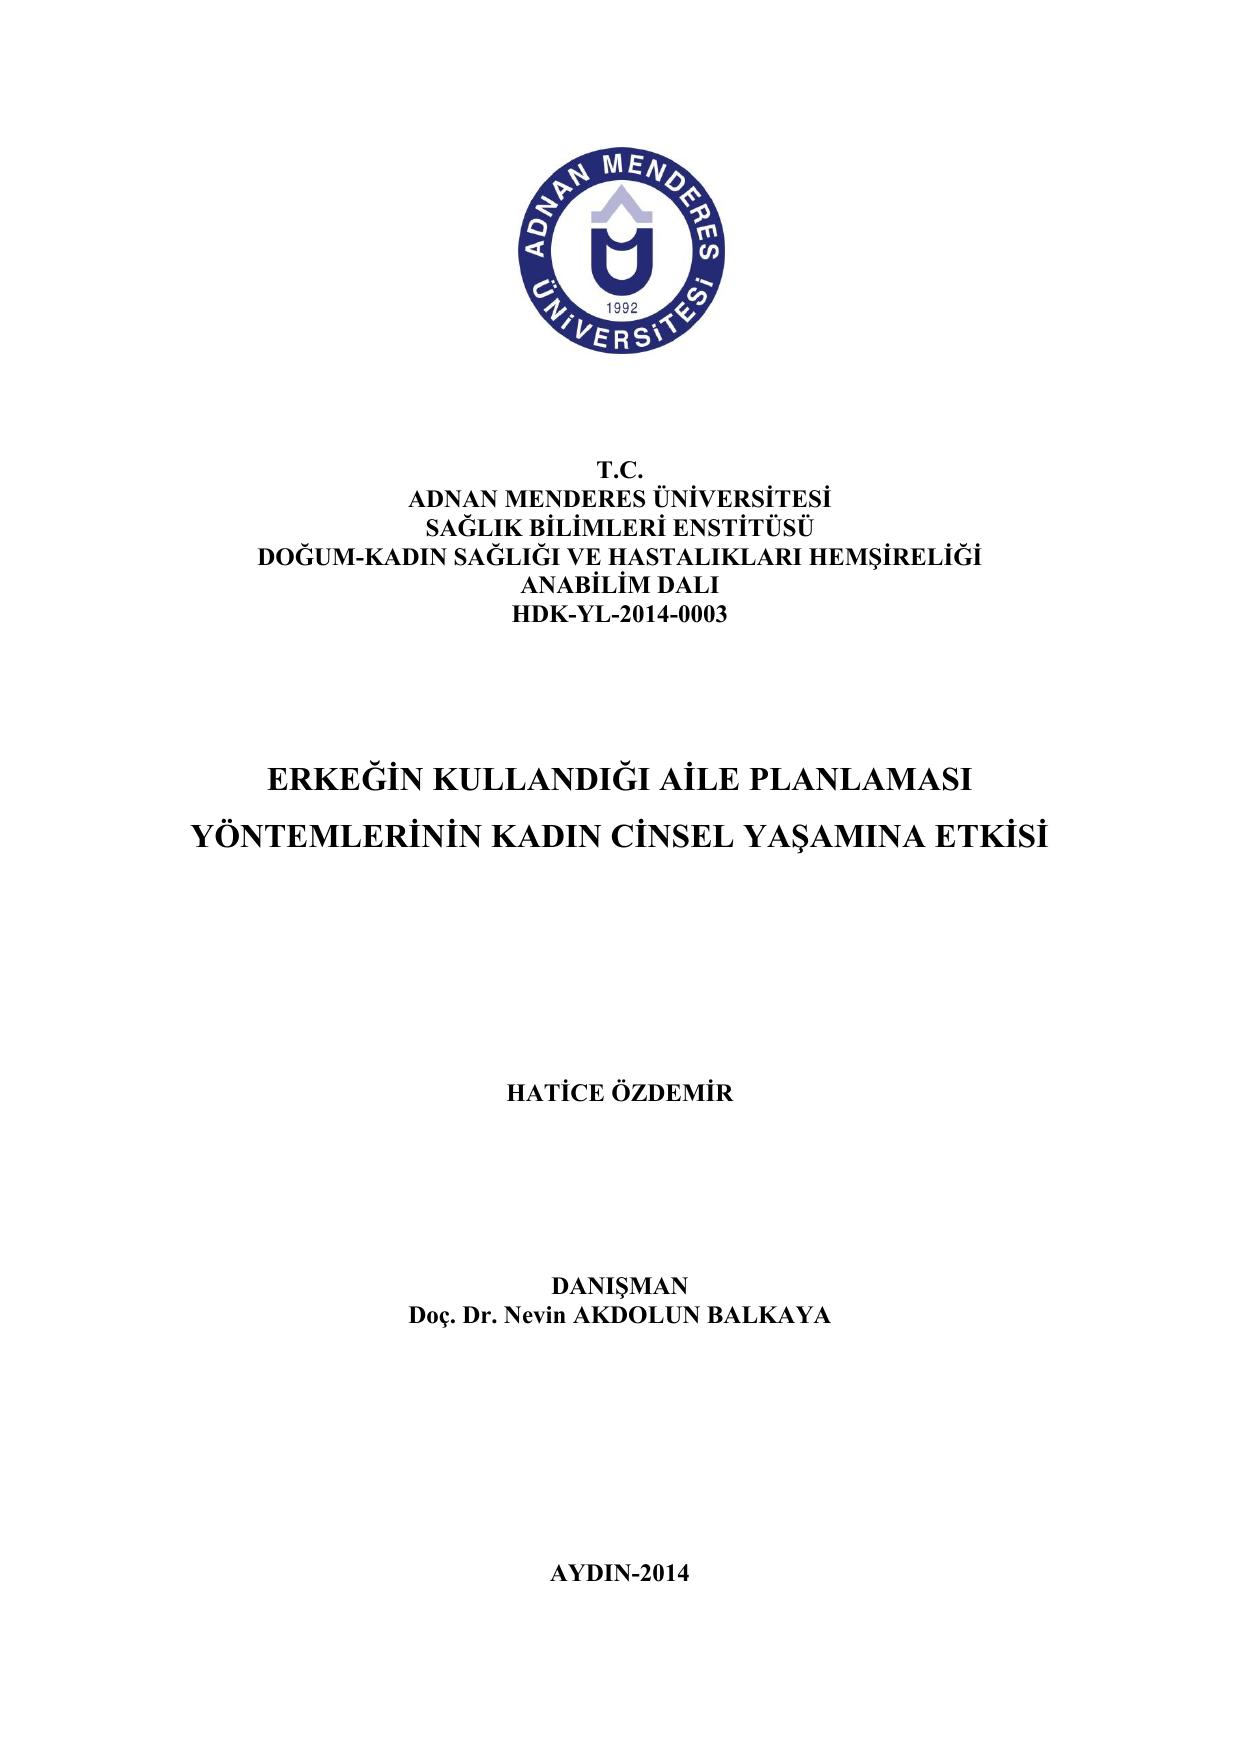 Gürcistanda bireysel esrar kullanımı yargı kararıyla serbest